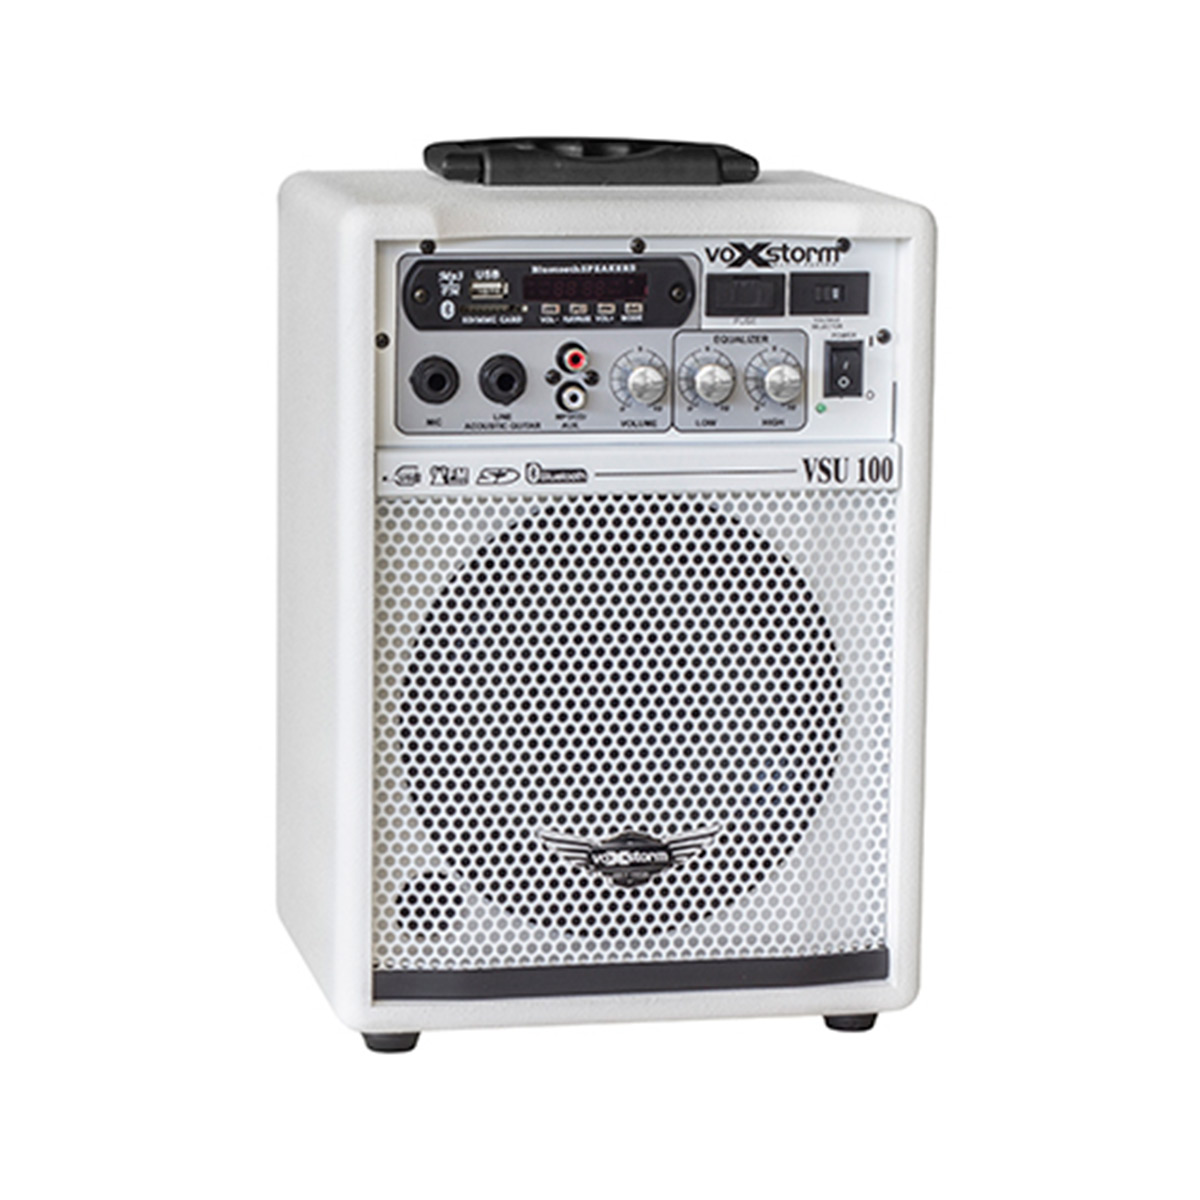 VSU100 - Cubo Multiuso Ativo 15W c/ Bluetooth e USB VSU 100 Branco - Voxstorm